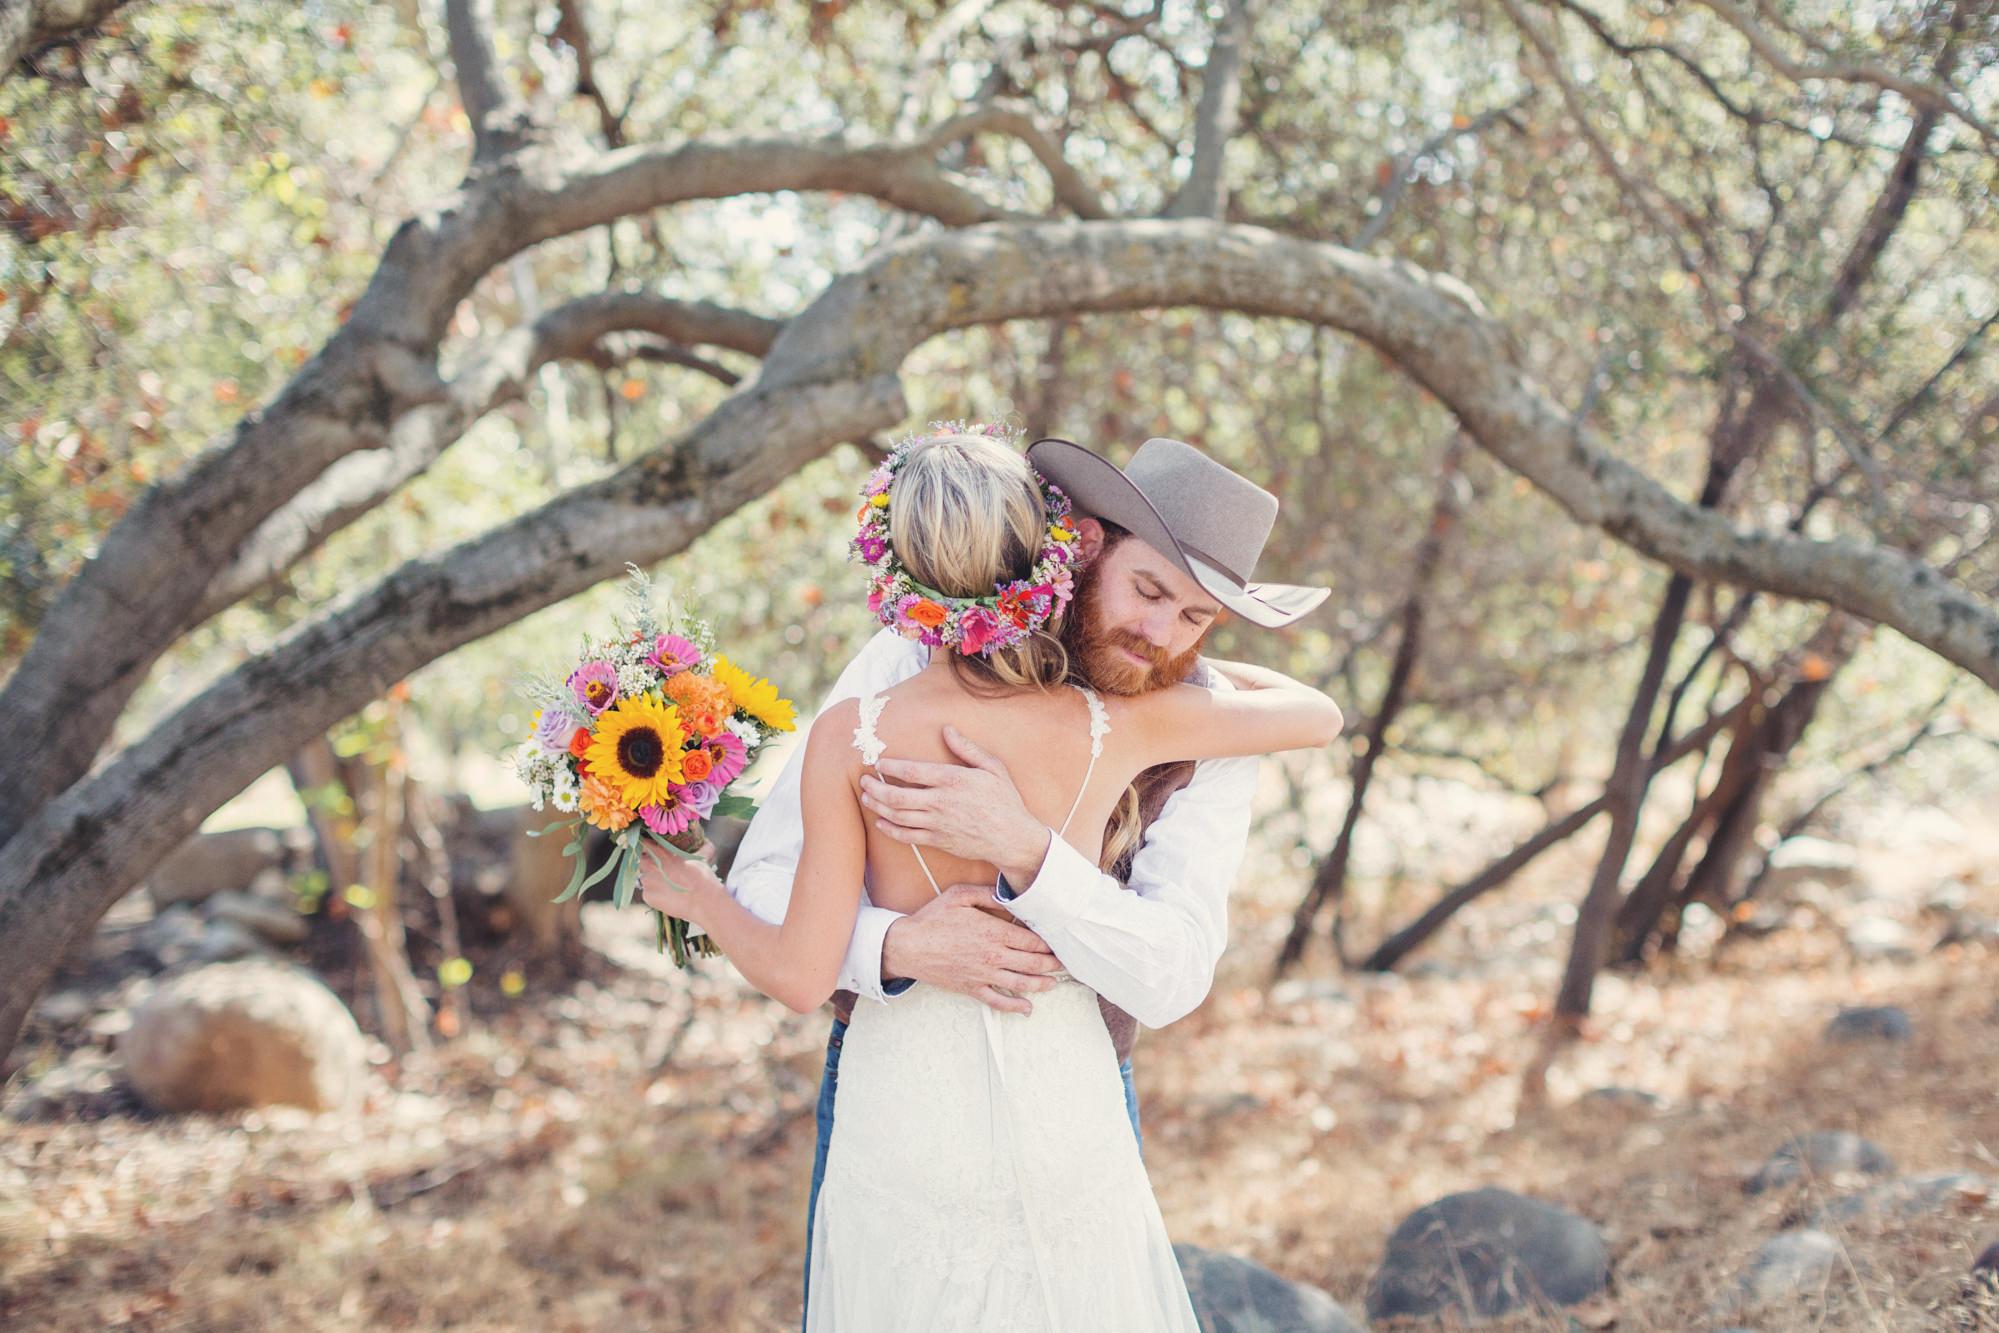 Rustic wedding in California ©Anne-Claire Brun 41